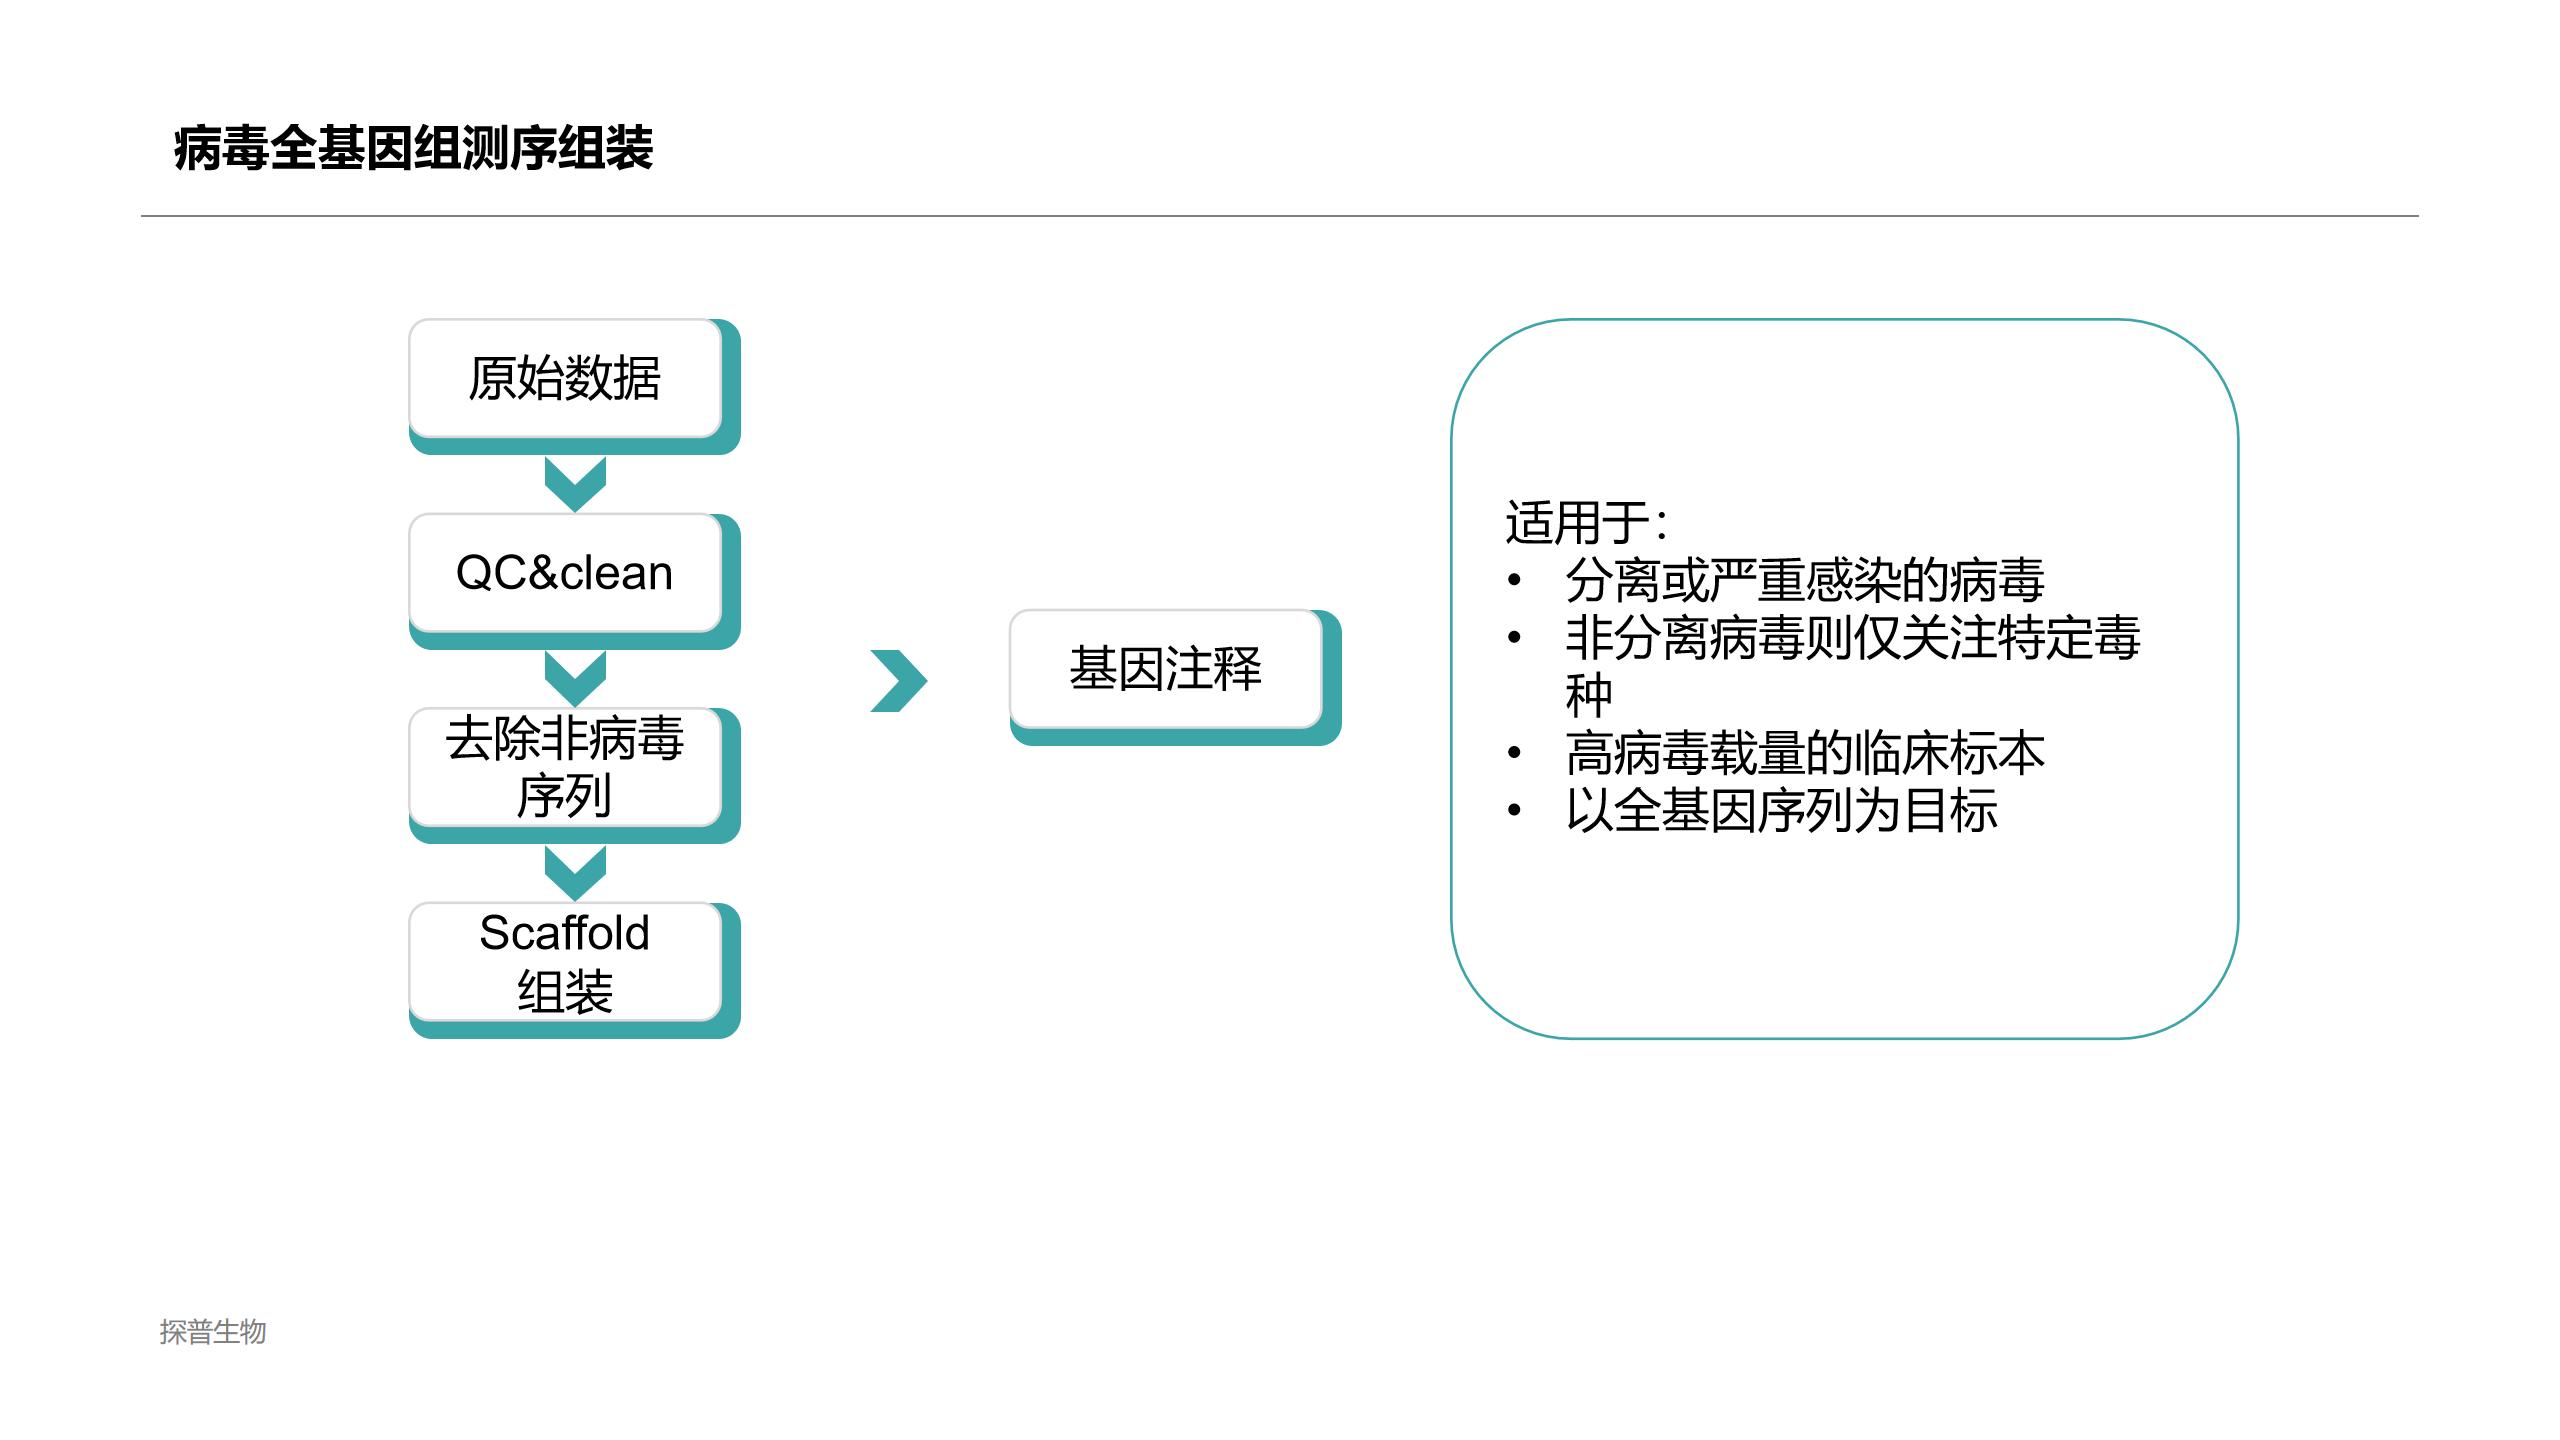 浙江对病毒的全基因组进行测序全序列 欢迎来电「上海探普生物科技供应」